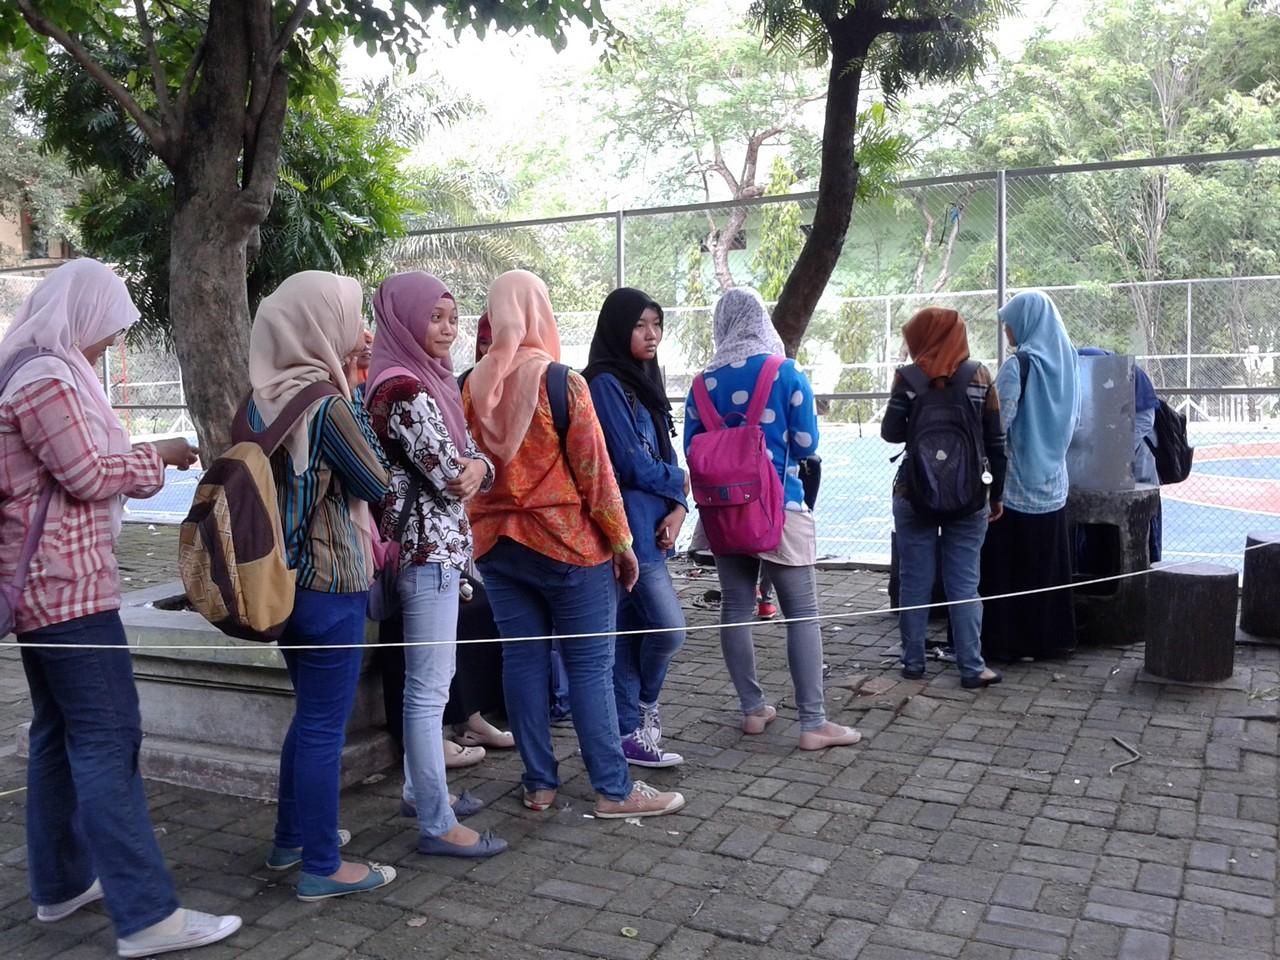 Antrian mahasiswa yang akan mengikuti proses PEMIRA UNS 2013 terjadi di TPS yang berada di Fakultas Pertanian.